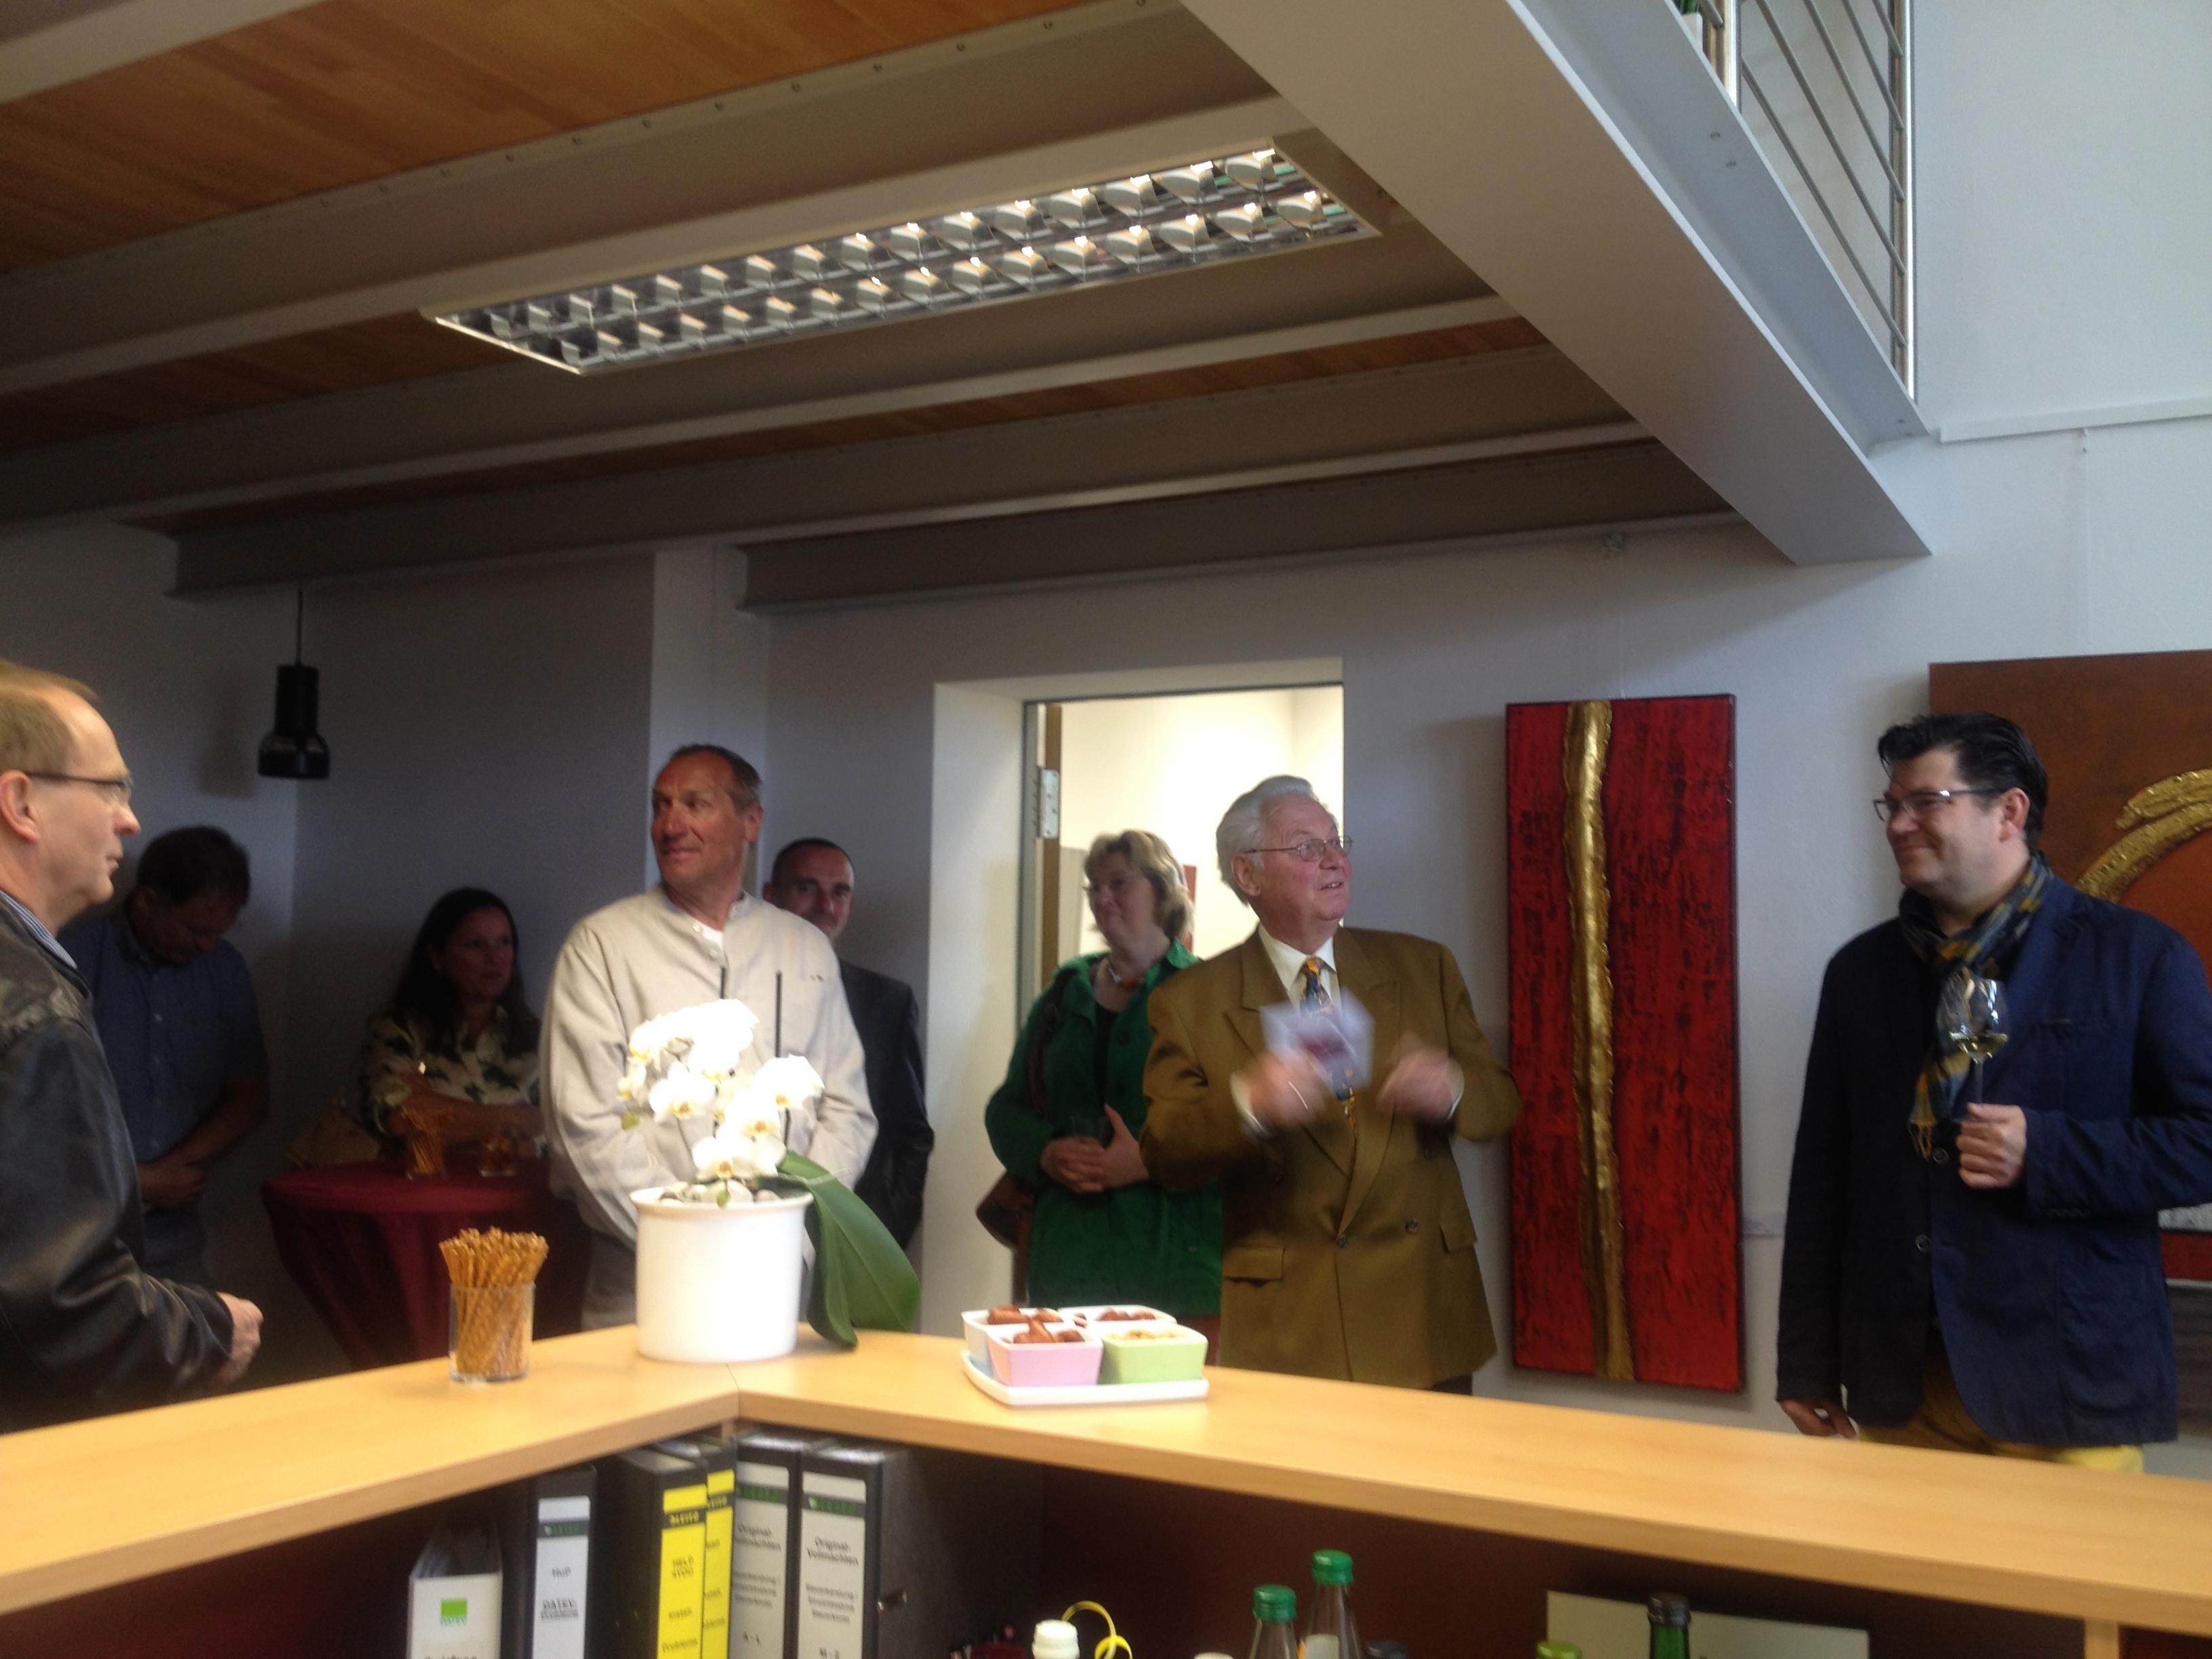 Dr. Manfred Janke stellte die Künstlerin und Ihr Werk den interessierten Zuhörern vor